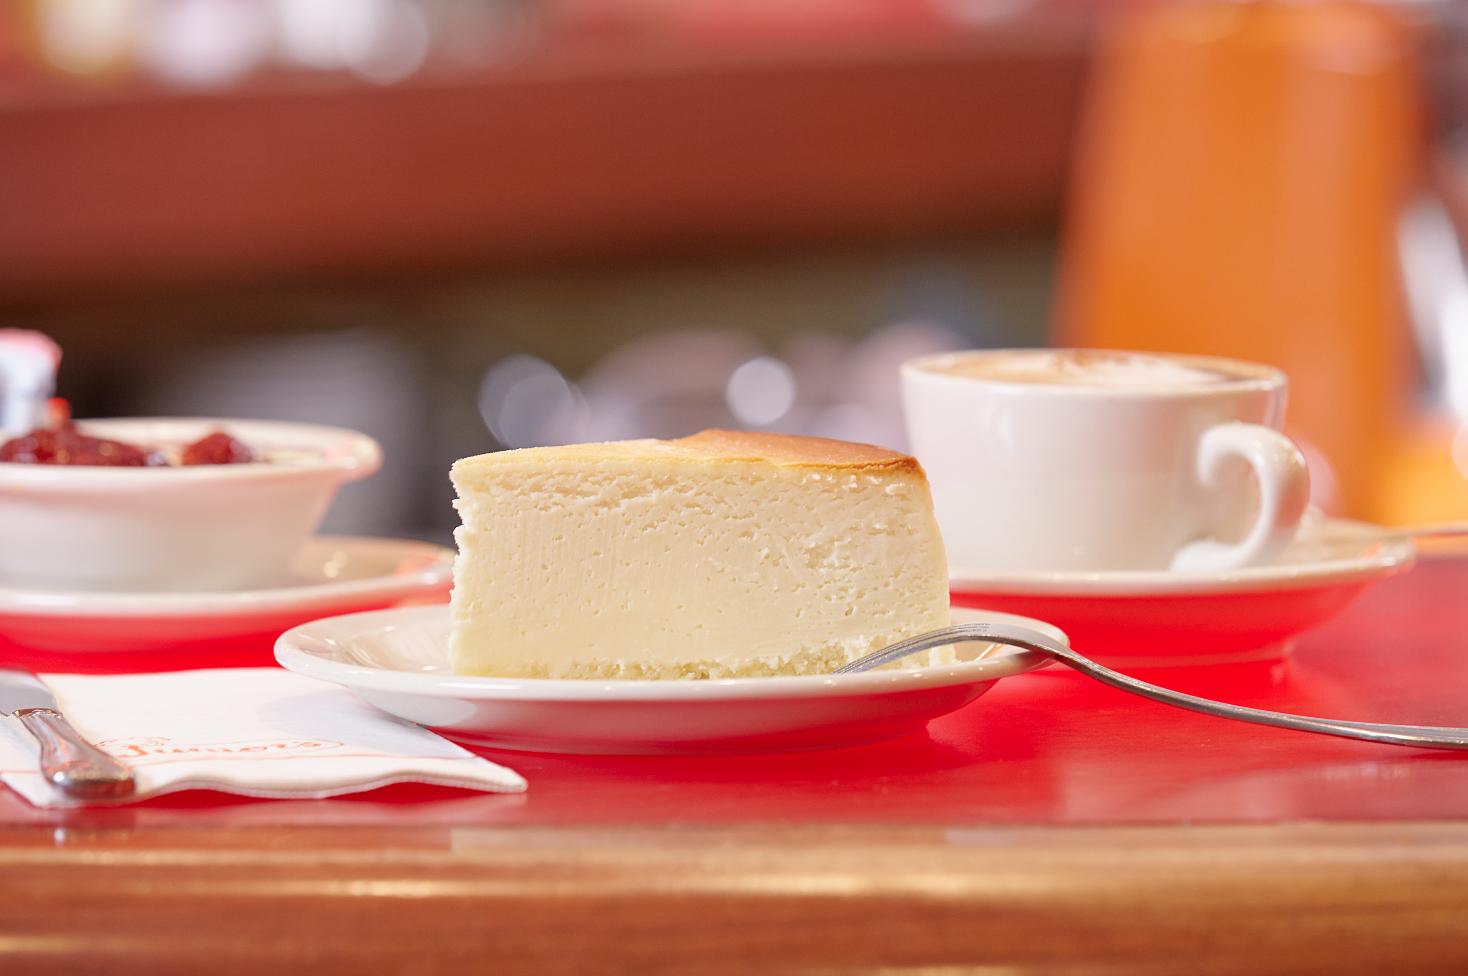 New York cheesecake at Junior's Restaurant